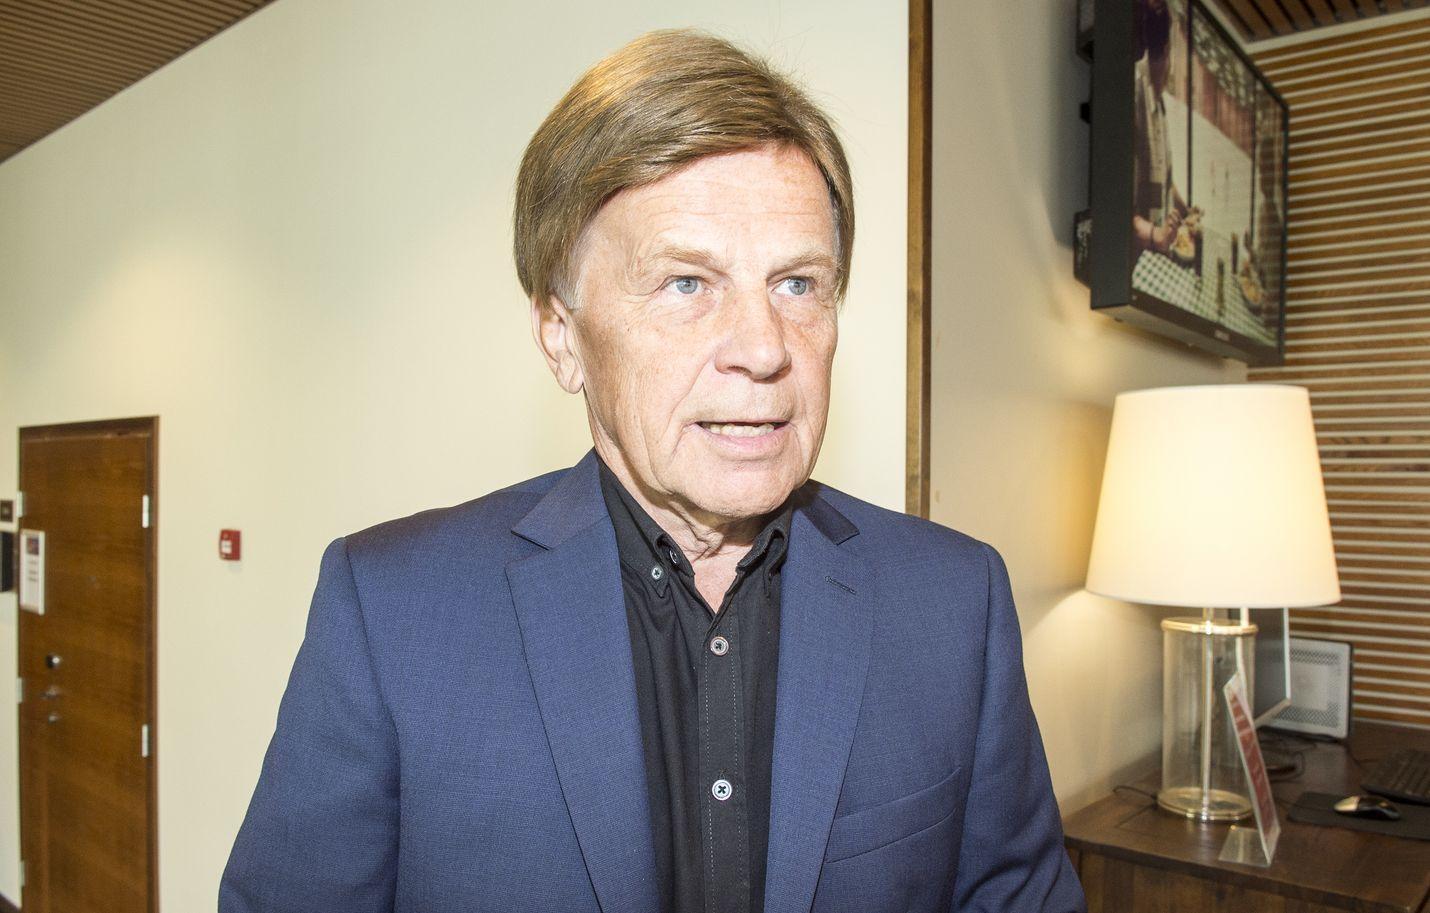 Tuore meppi Mauri Pekkarinen on kutsunut mediassa itseään keltanokaksi ja päivitellyt parlamentin byrokraattisuutta.